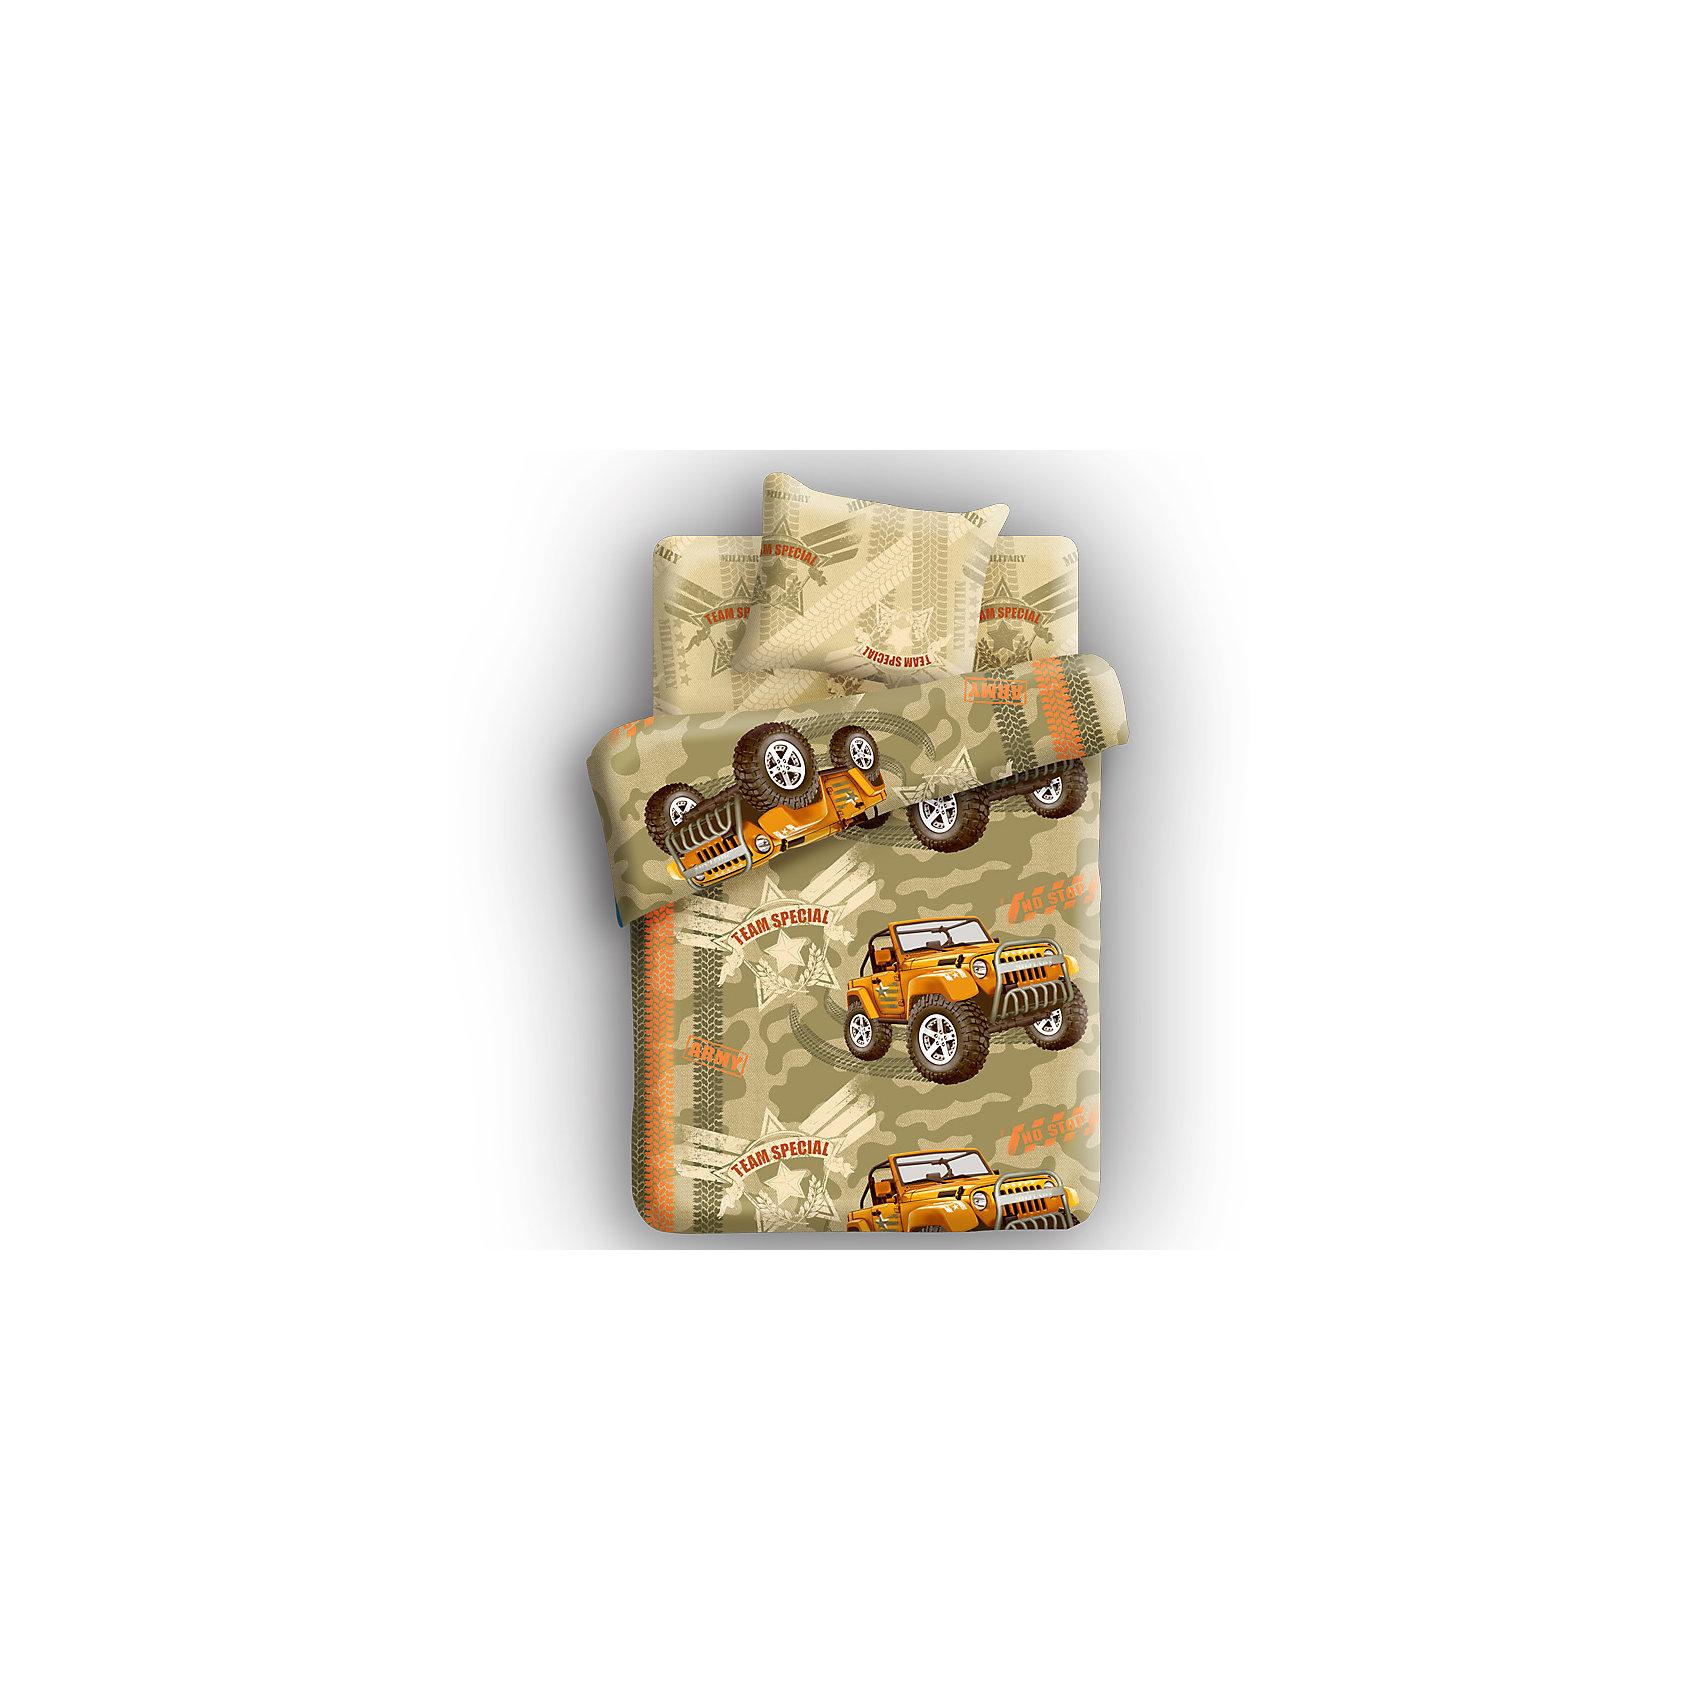 Комплект Армейский внедорожник 1,5-спальный (бязь), 4YOUКомплект выполнен в яркой, контрастной цветовой гамме, с оригинальным принтом, он обязательно понравится подростку.  Домашний текстиль торговой марки 4YOU – это новый стиль и модные тенденции. Эта торговая марка была создана, учитывая особенности возраста ребенка, она концептуально отличается от детских марок своими коллекциями текстиля, упаковкой и подходом в разработке продукции. Комплект выполнен  из натуральных материалов, не теряет яркость после стирки, приятен к телу.<br><br>Дополнительная информация:<br><br>- Комплектация: наволочка (1 шт.), простыня (1 шт.), пододеяльник на прорези (1 шт.).<br>- Материал: хлопок (бязь) 100%.<br>- Размер: наволочка -  70х70 см, простыня - 214х150 см, пододеяльник - 215х143 см.<br><br>Комплект Армейский внедорожник 1,5-спальный (бязь), 4YOU можно купить в нашем магазине.<br><br>Ширина мм: 220<br>Глубина мм: 330<br>Высота мм: 60<br>Вес г: 500<br>Возраст от месяцев: 36<br>Возраст до месяцев: 192<br>Пол: Мужской<br>Возраст: Детский<br>SKU: 3973752